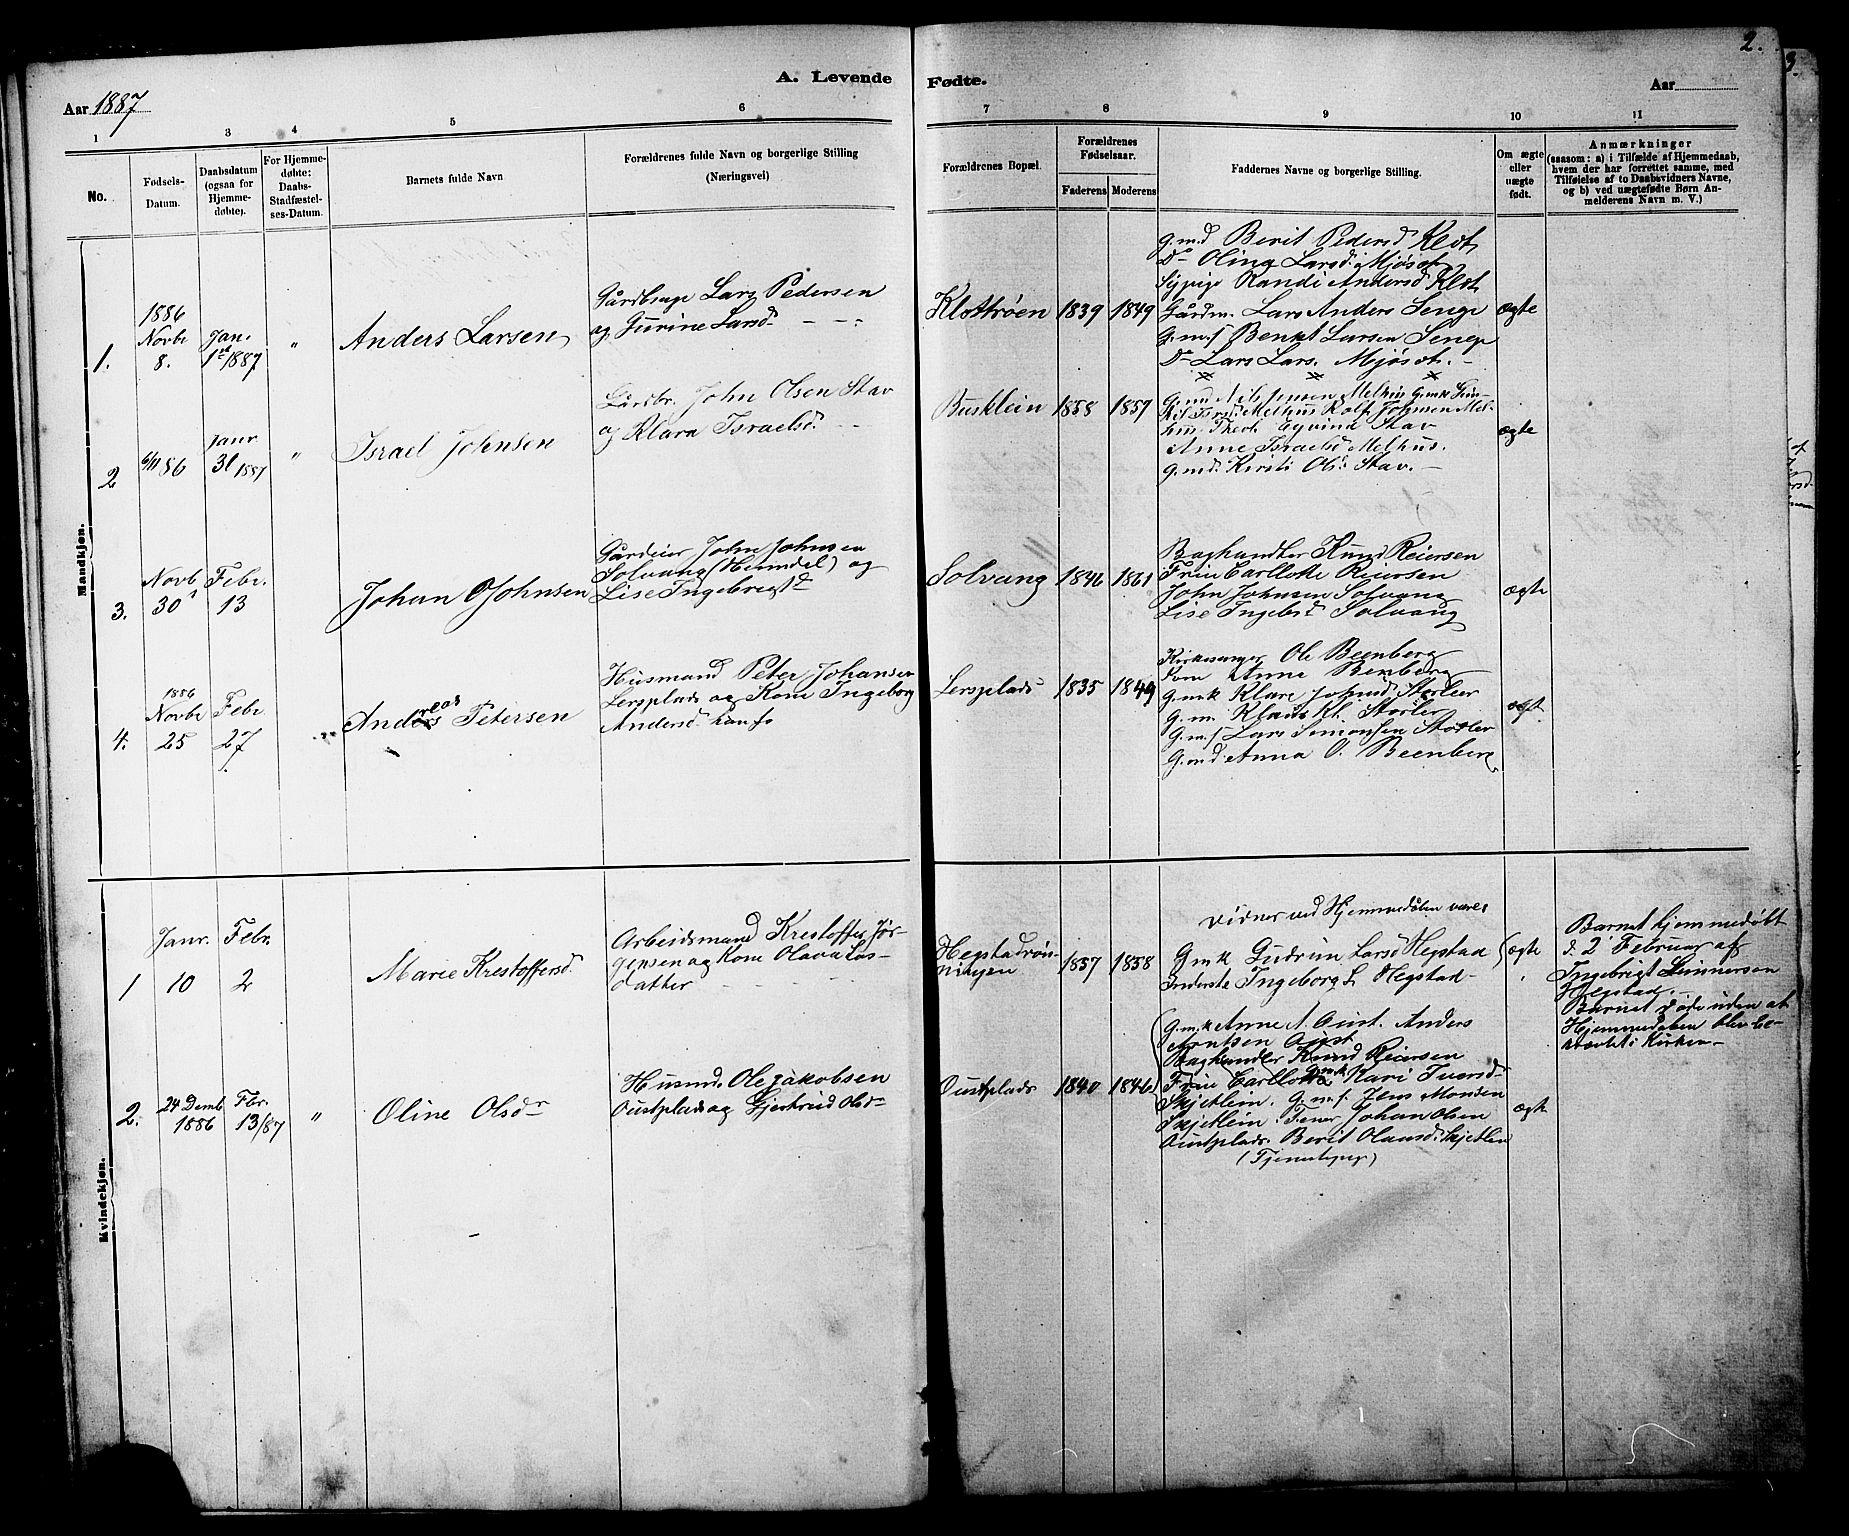 SAT, Ministerialprotokoller, klokkerbøker og fødselsregistre - Sør-Trøndelag, 613/L0395: Klokkerbok nr. 613C03, 1887-1909, s. 2